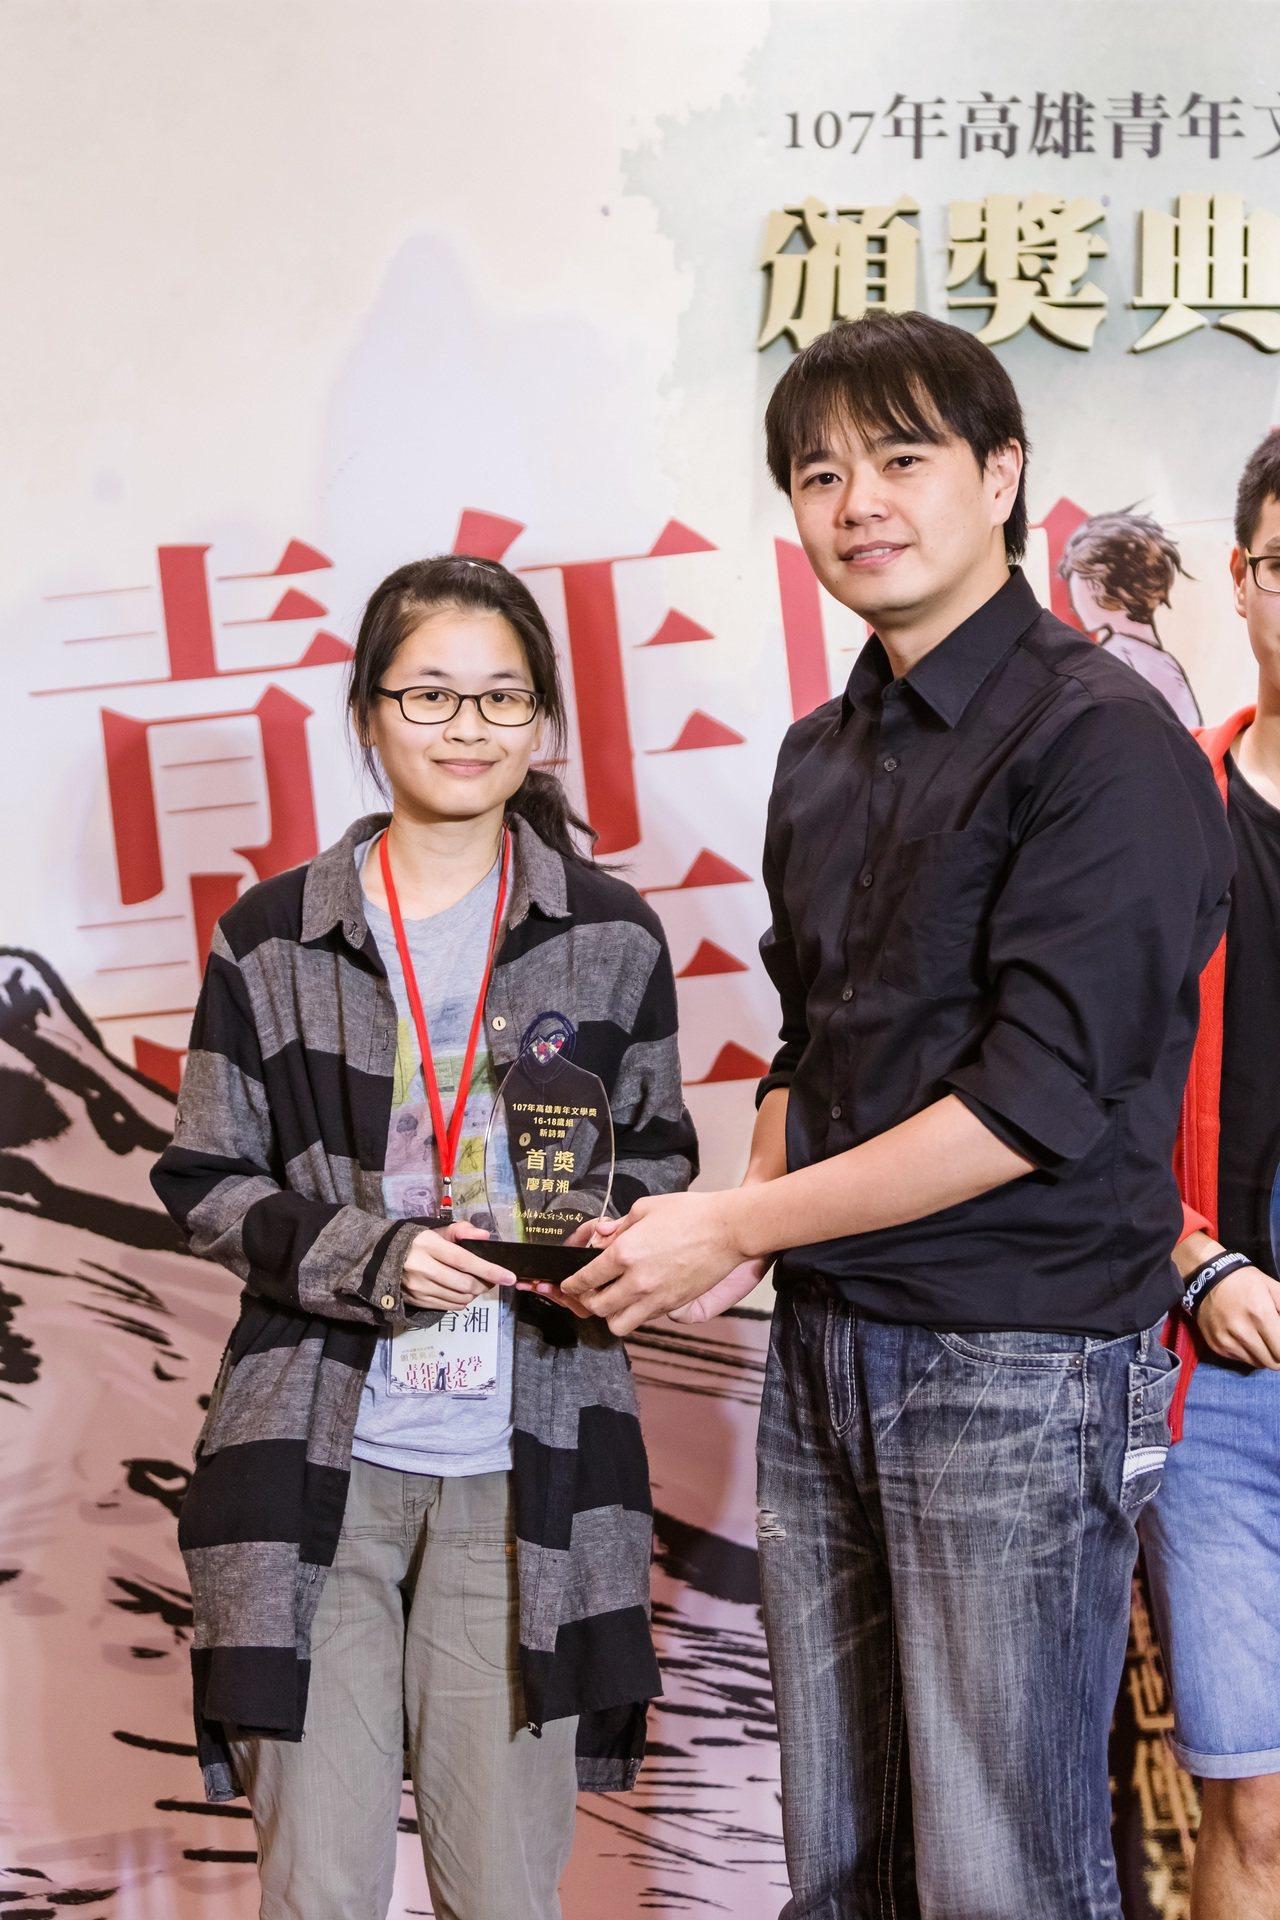 高雄青年文學獎得主廖育湘(左)和新詩類評審林達陽(右)。圖/高市圖提供